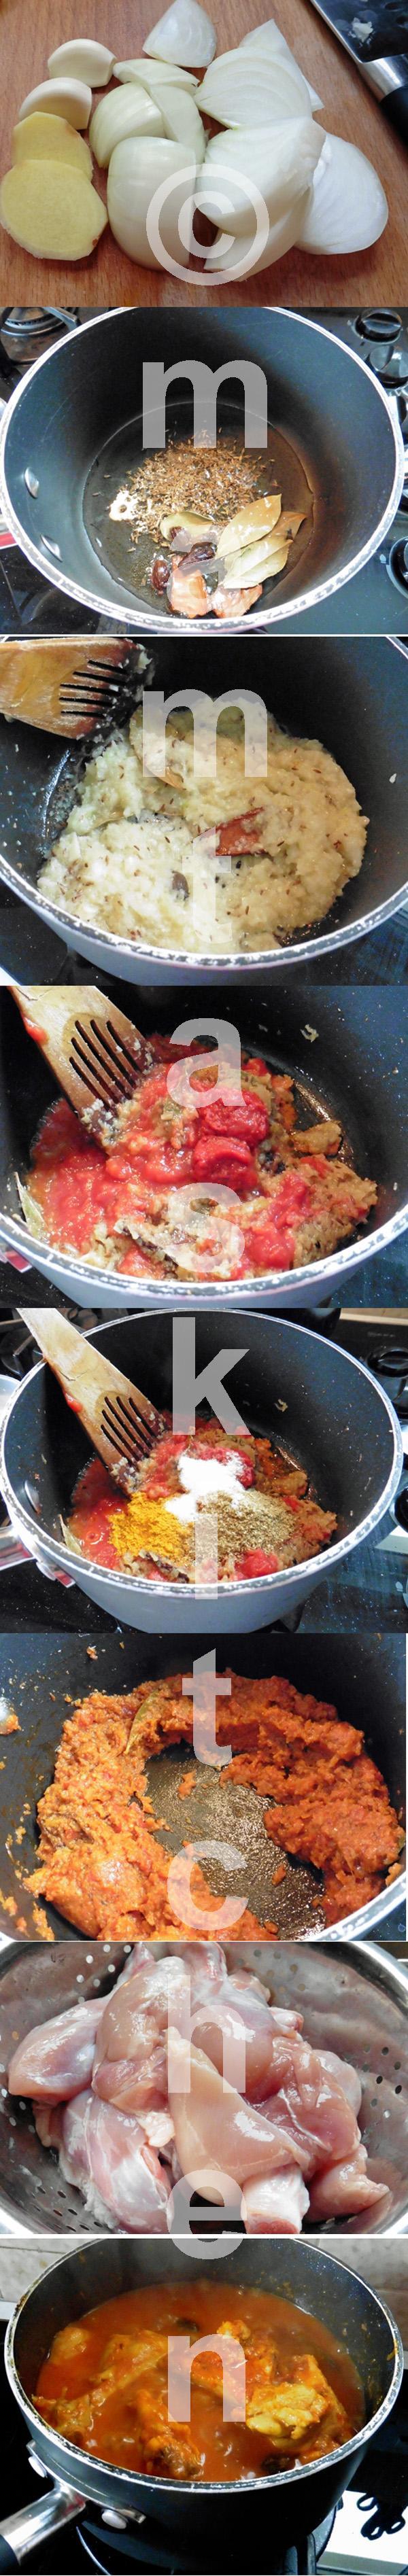 Mamta S Kitchen Chicken Curry